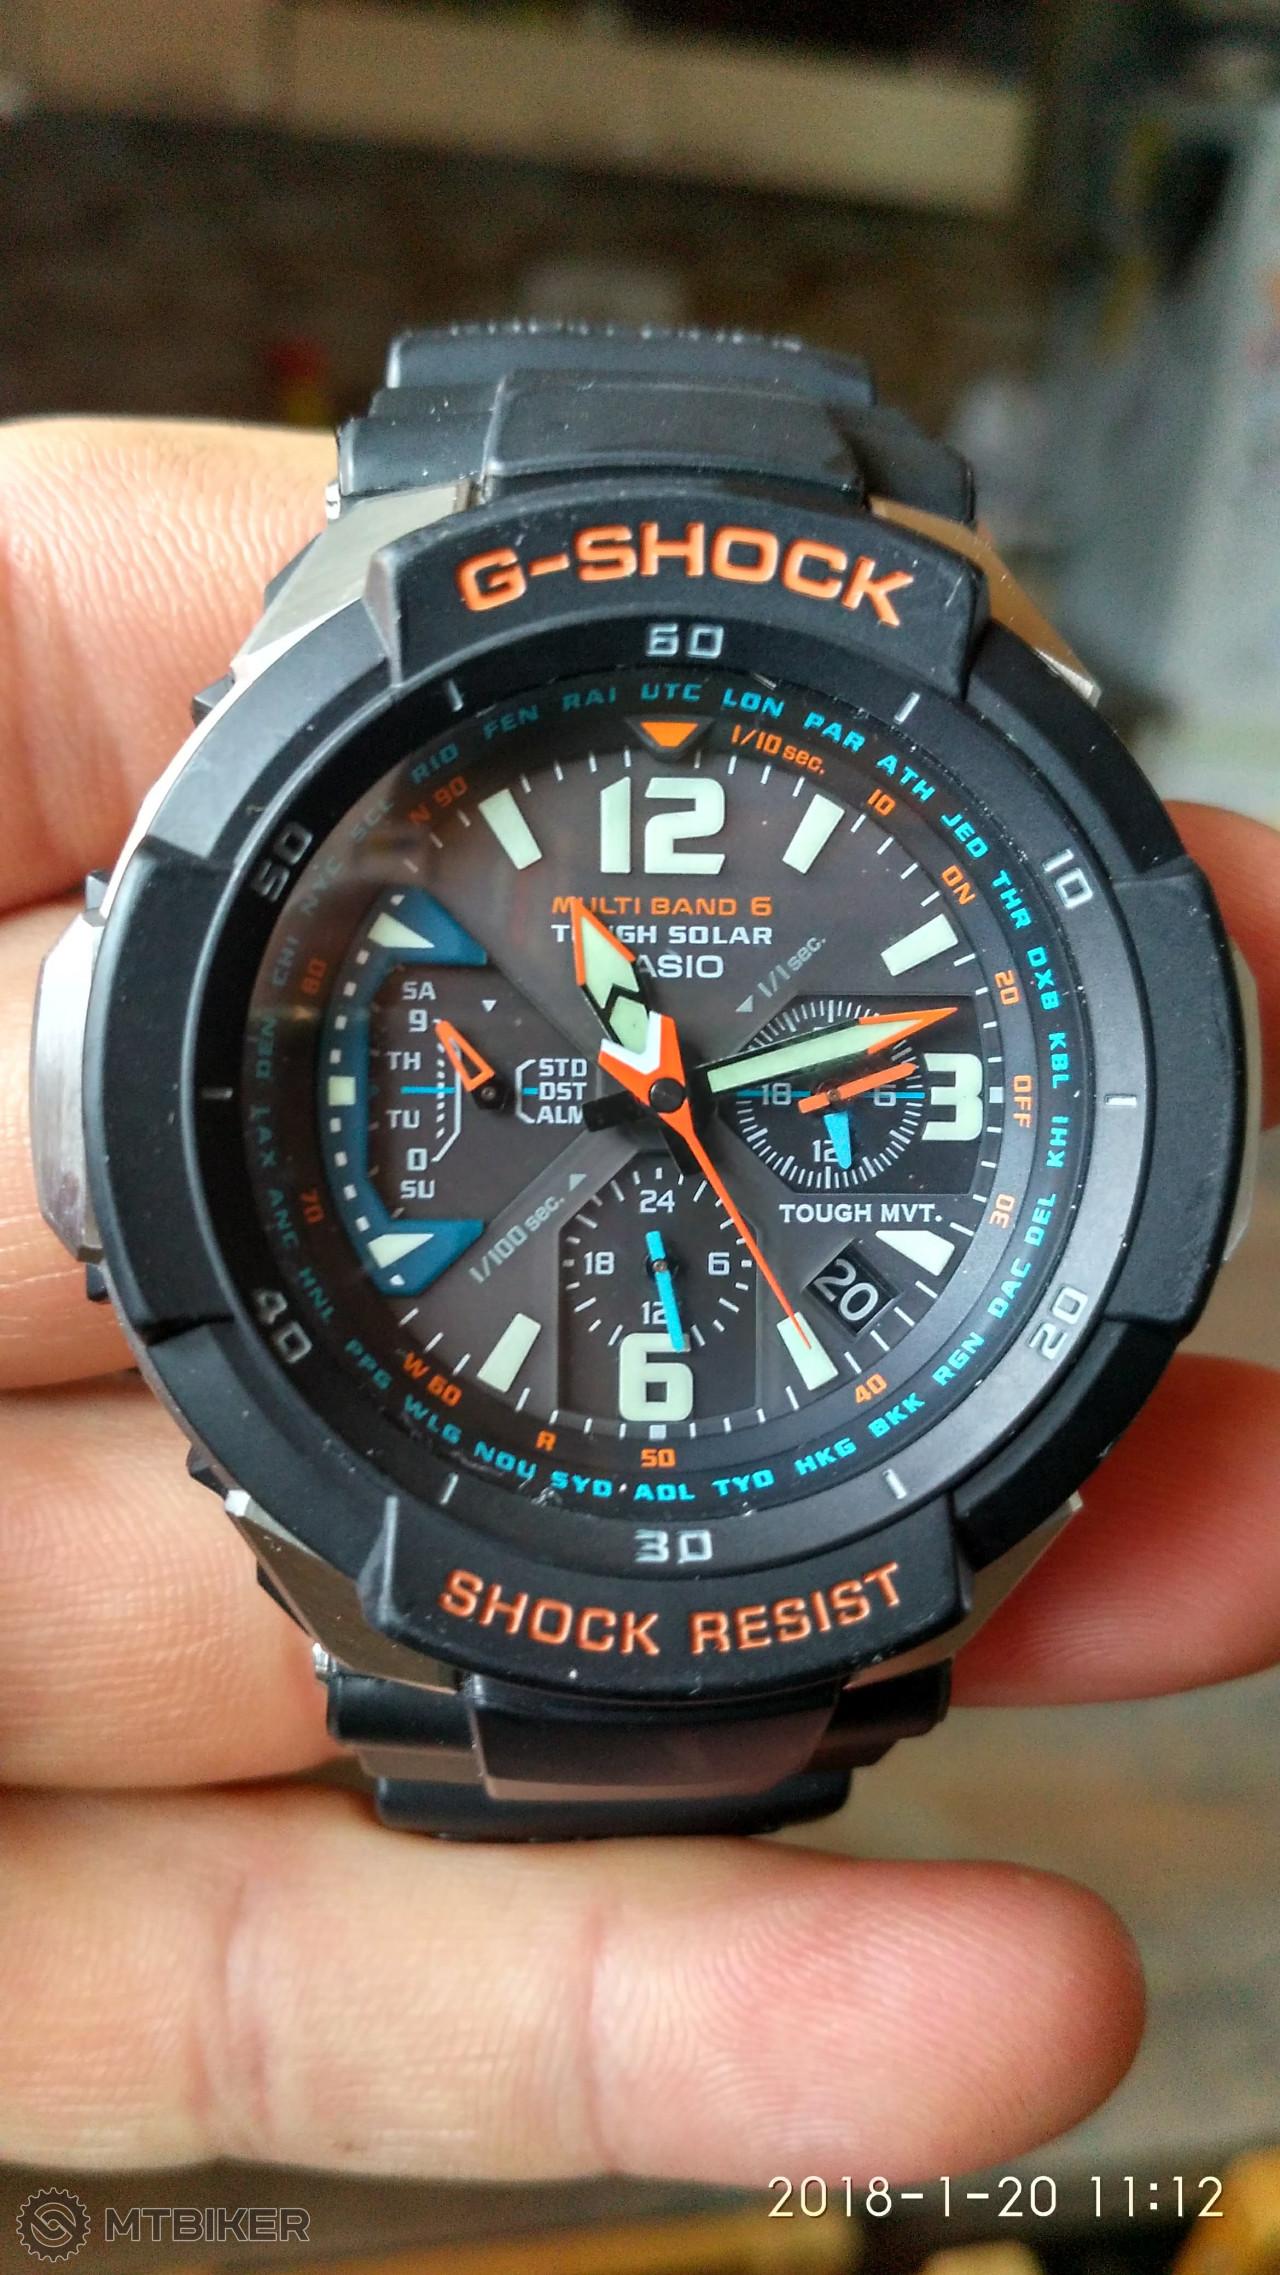 ff0eecfb6 Predam Hodinky Casio G Shock Gw3000 - Príslušenstvo - Ostatné - Bazár  MTBIKER